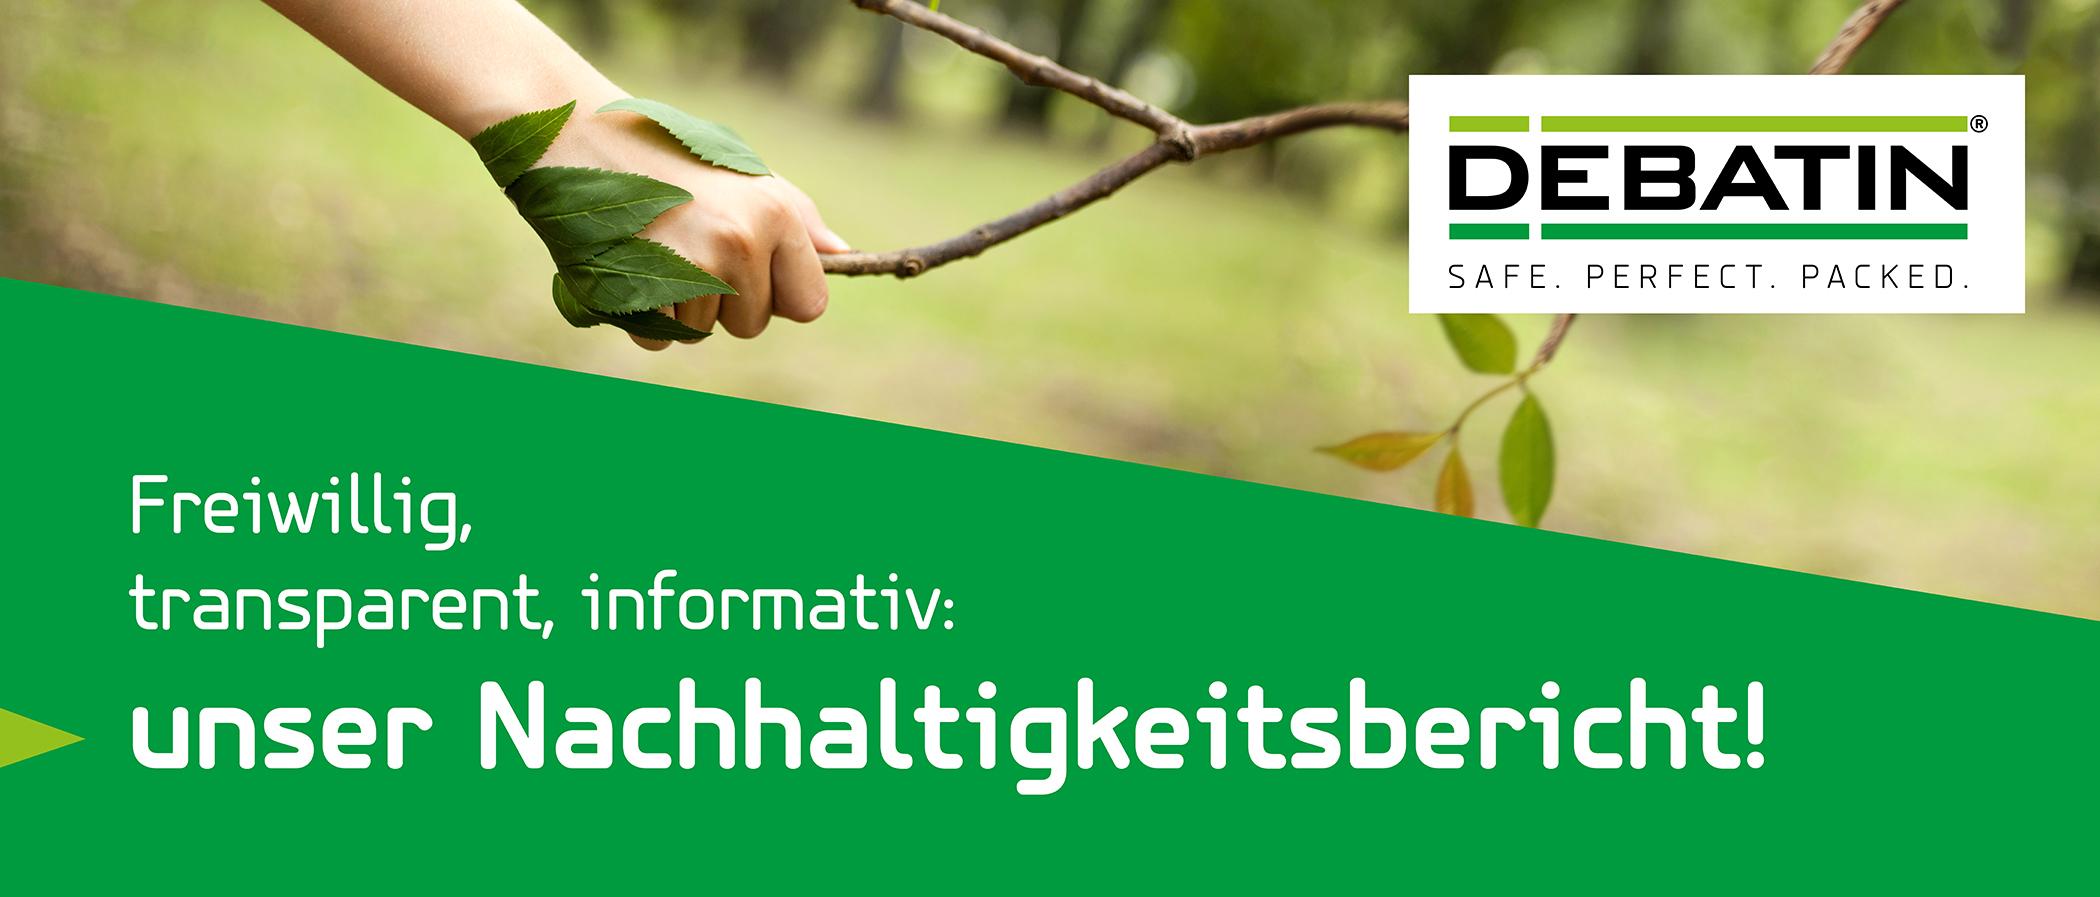 DEBATIN Nachhaltigkeitsbericht Newsblog